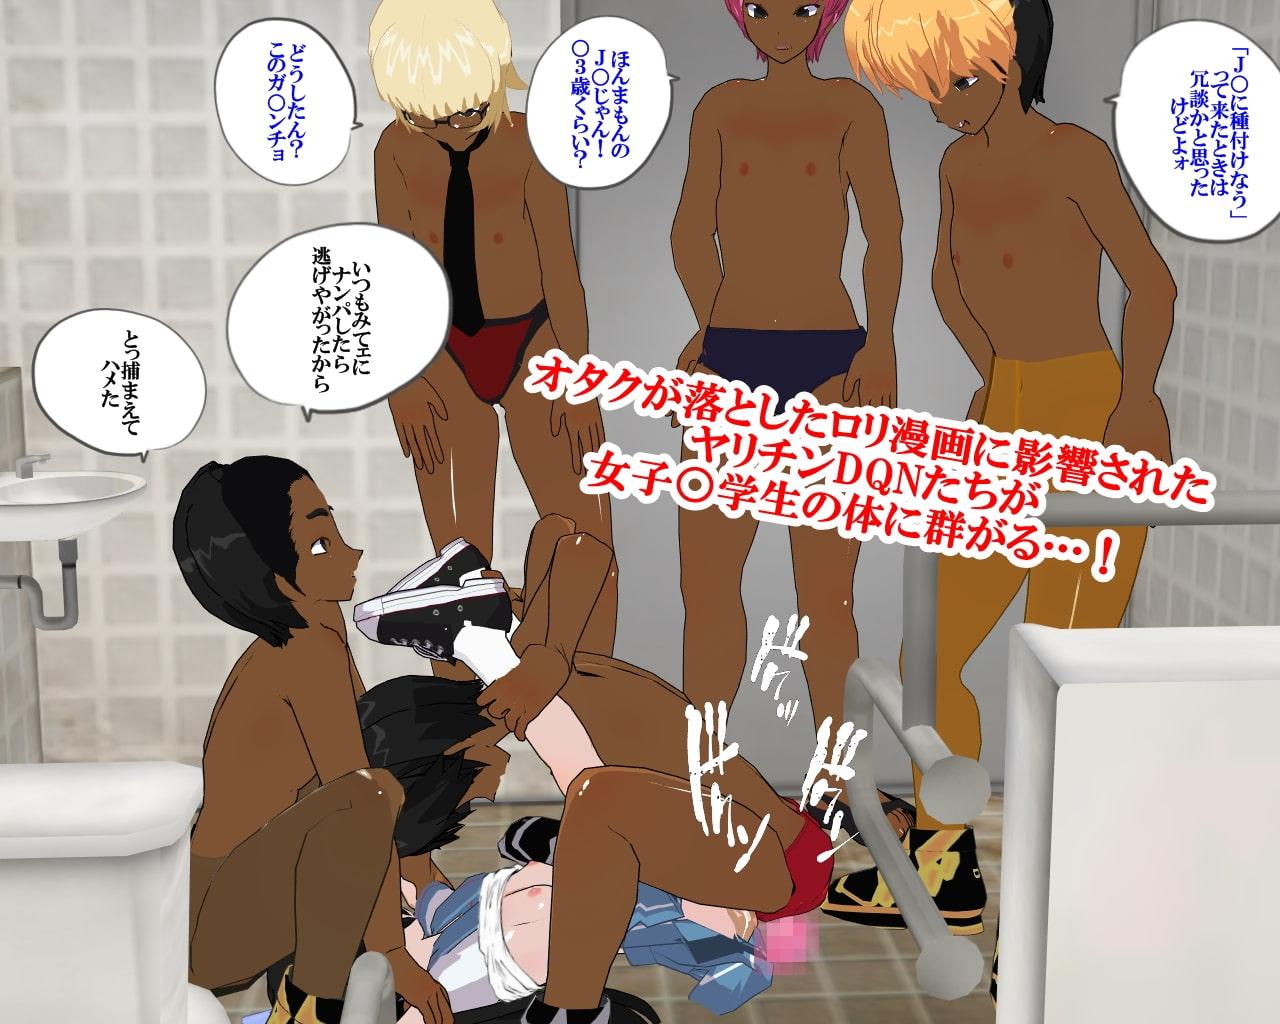 拾ったロリ漫画に影響されたヤリチンDQNたちが、○3歳J○を拉致って種付けレ○プ